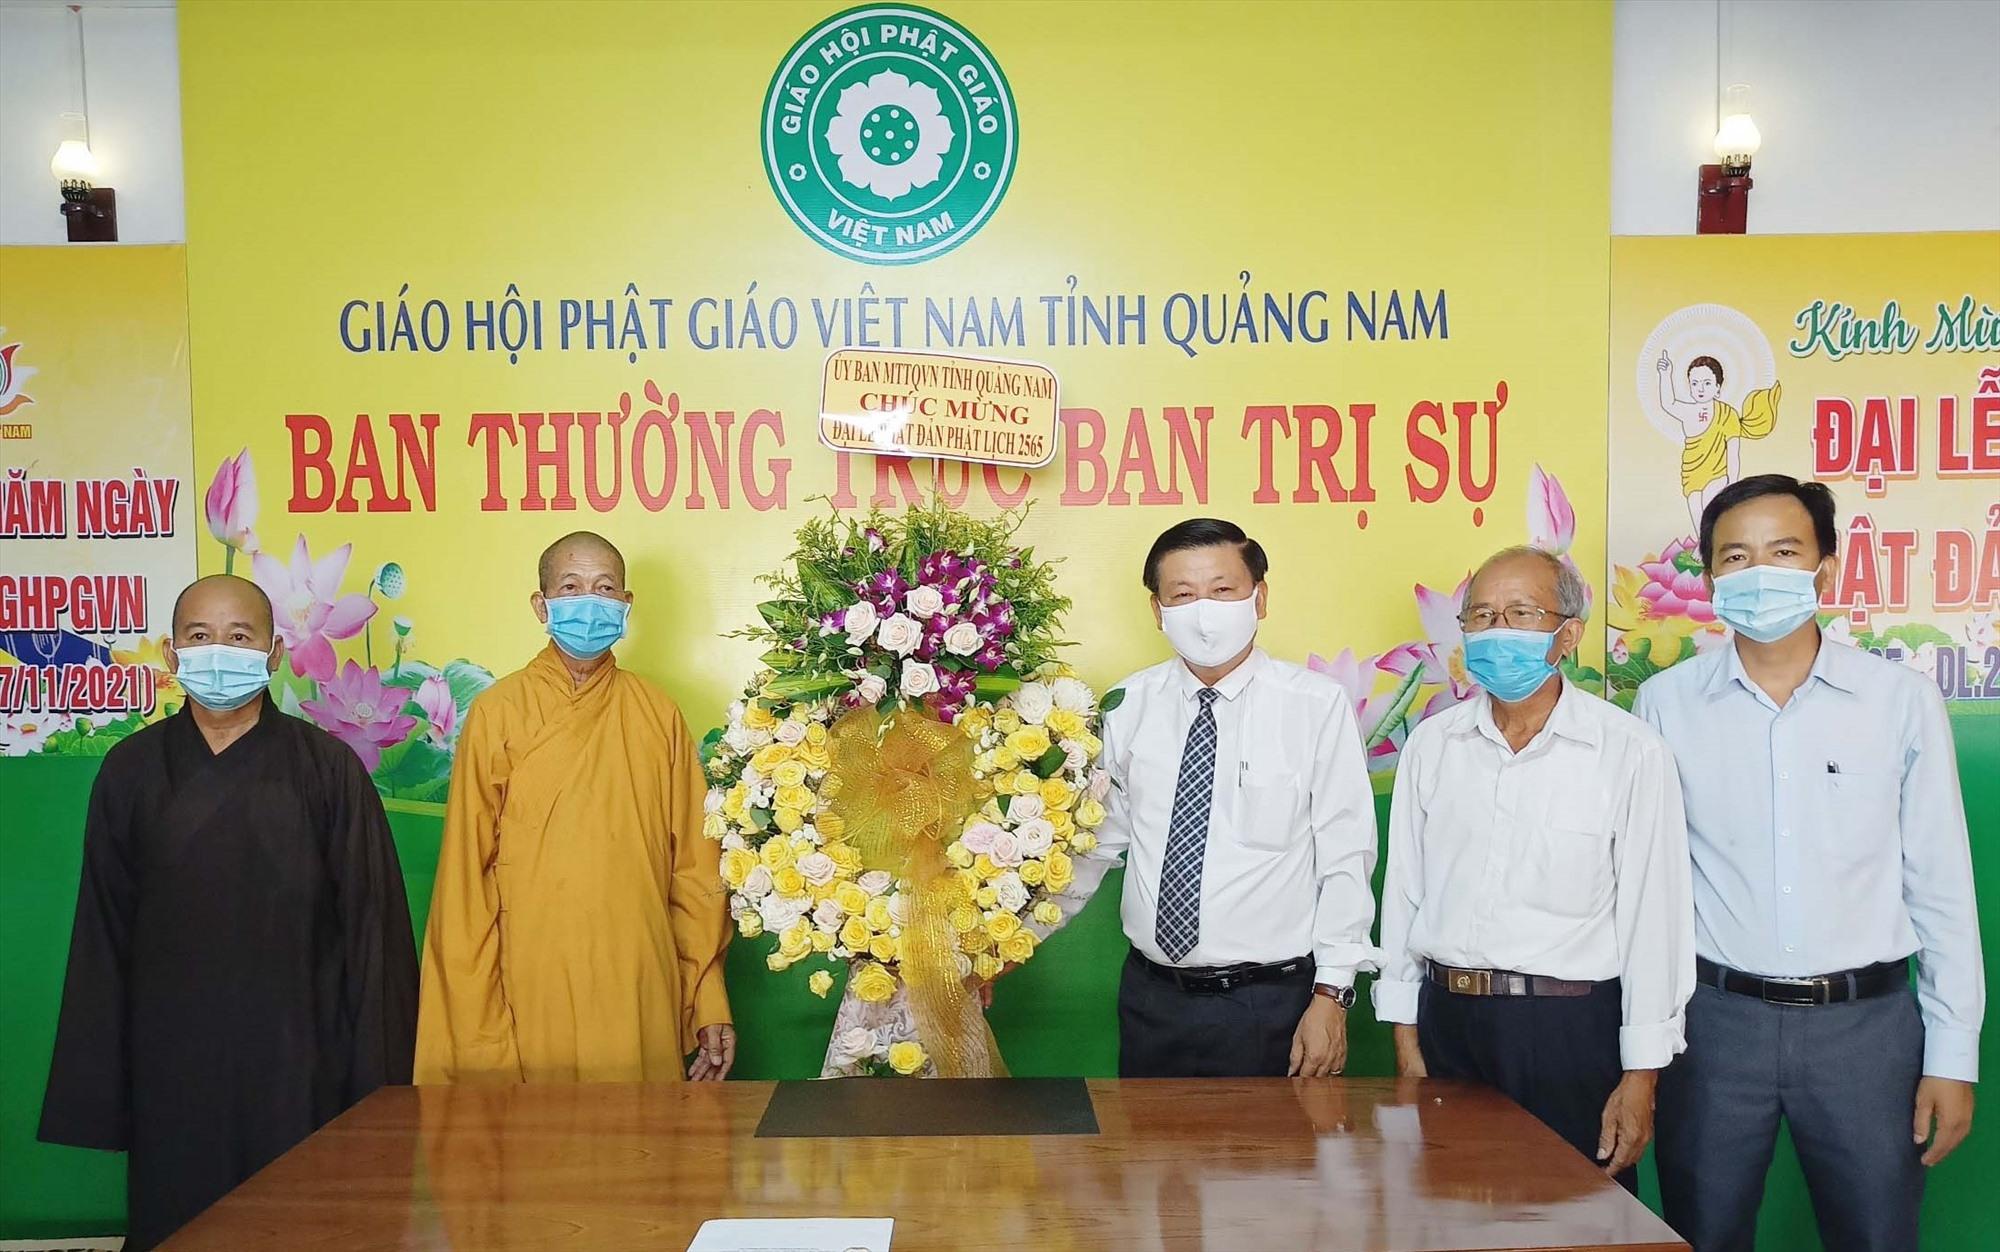 Lãnh đạo Ủy ban MTTQ Việt Nam tỉnh tặng lẵng hoa chúc mừng Đại lễ Phật đản  đến Ban Trị sự giáo hội Phật giáo tỉnh. Ảnh: Mặt trận